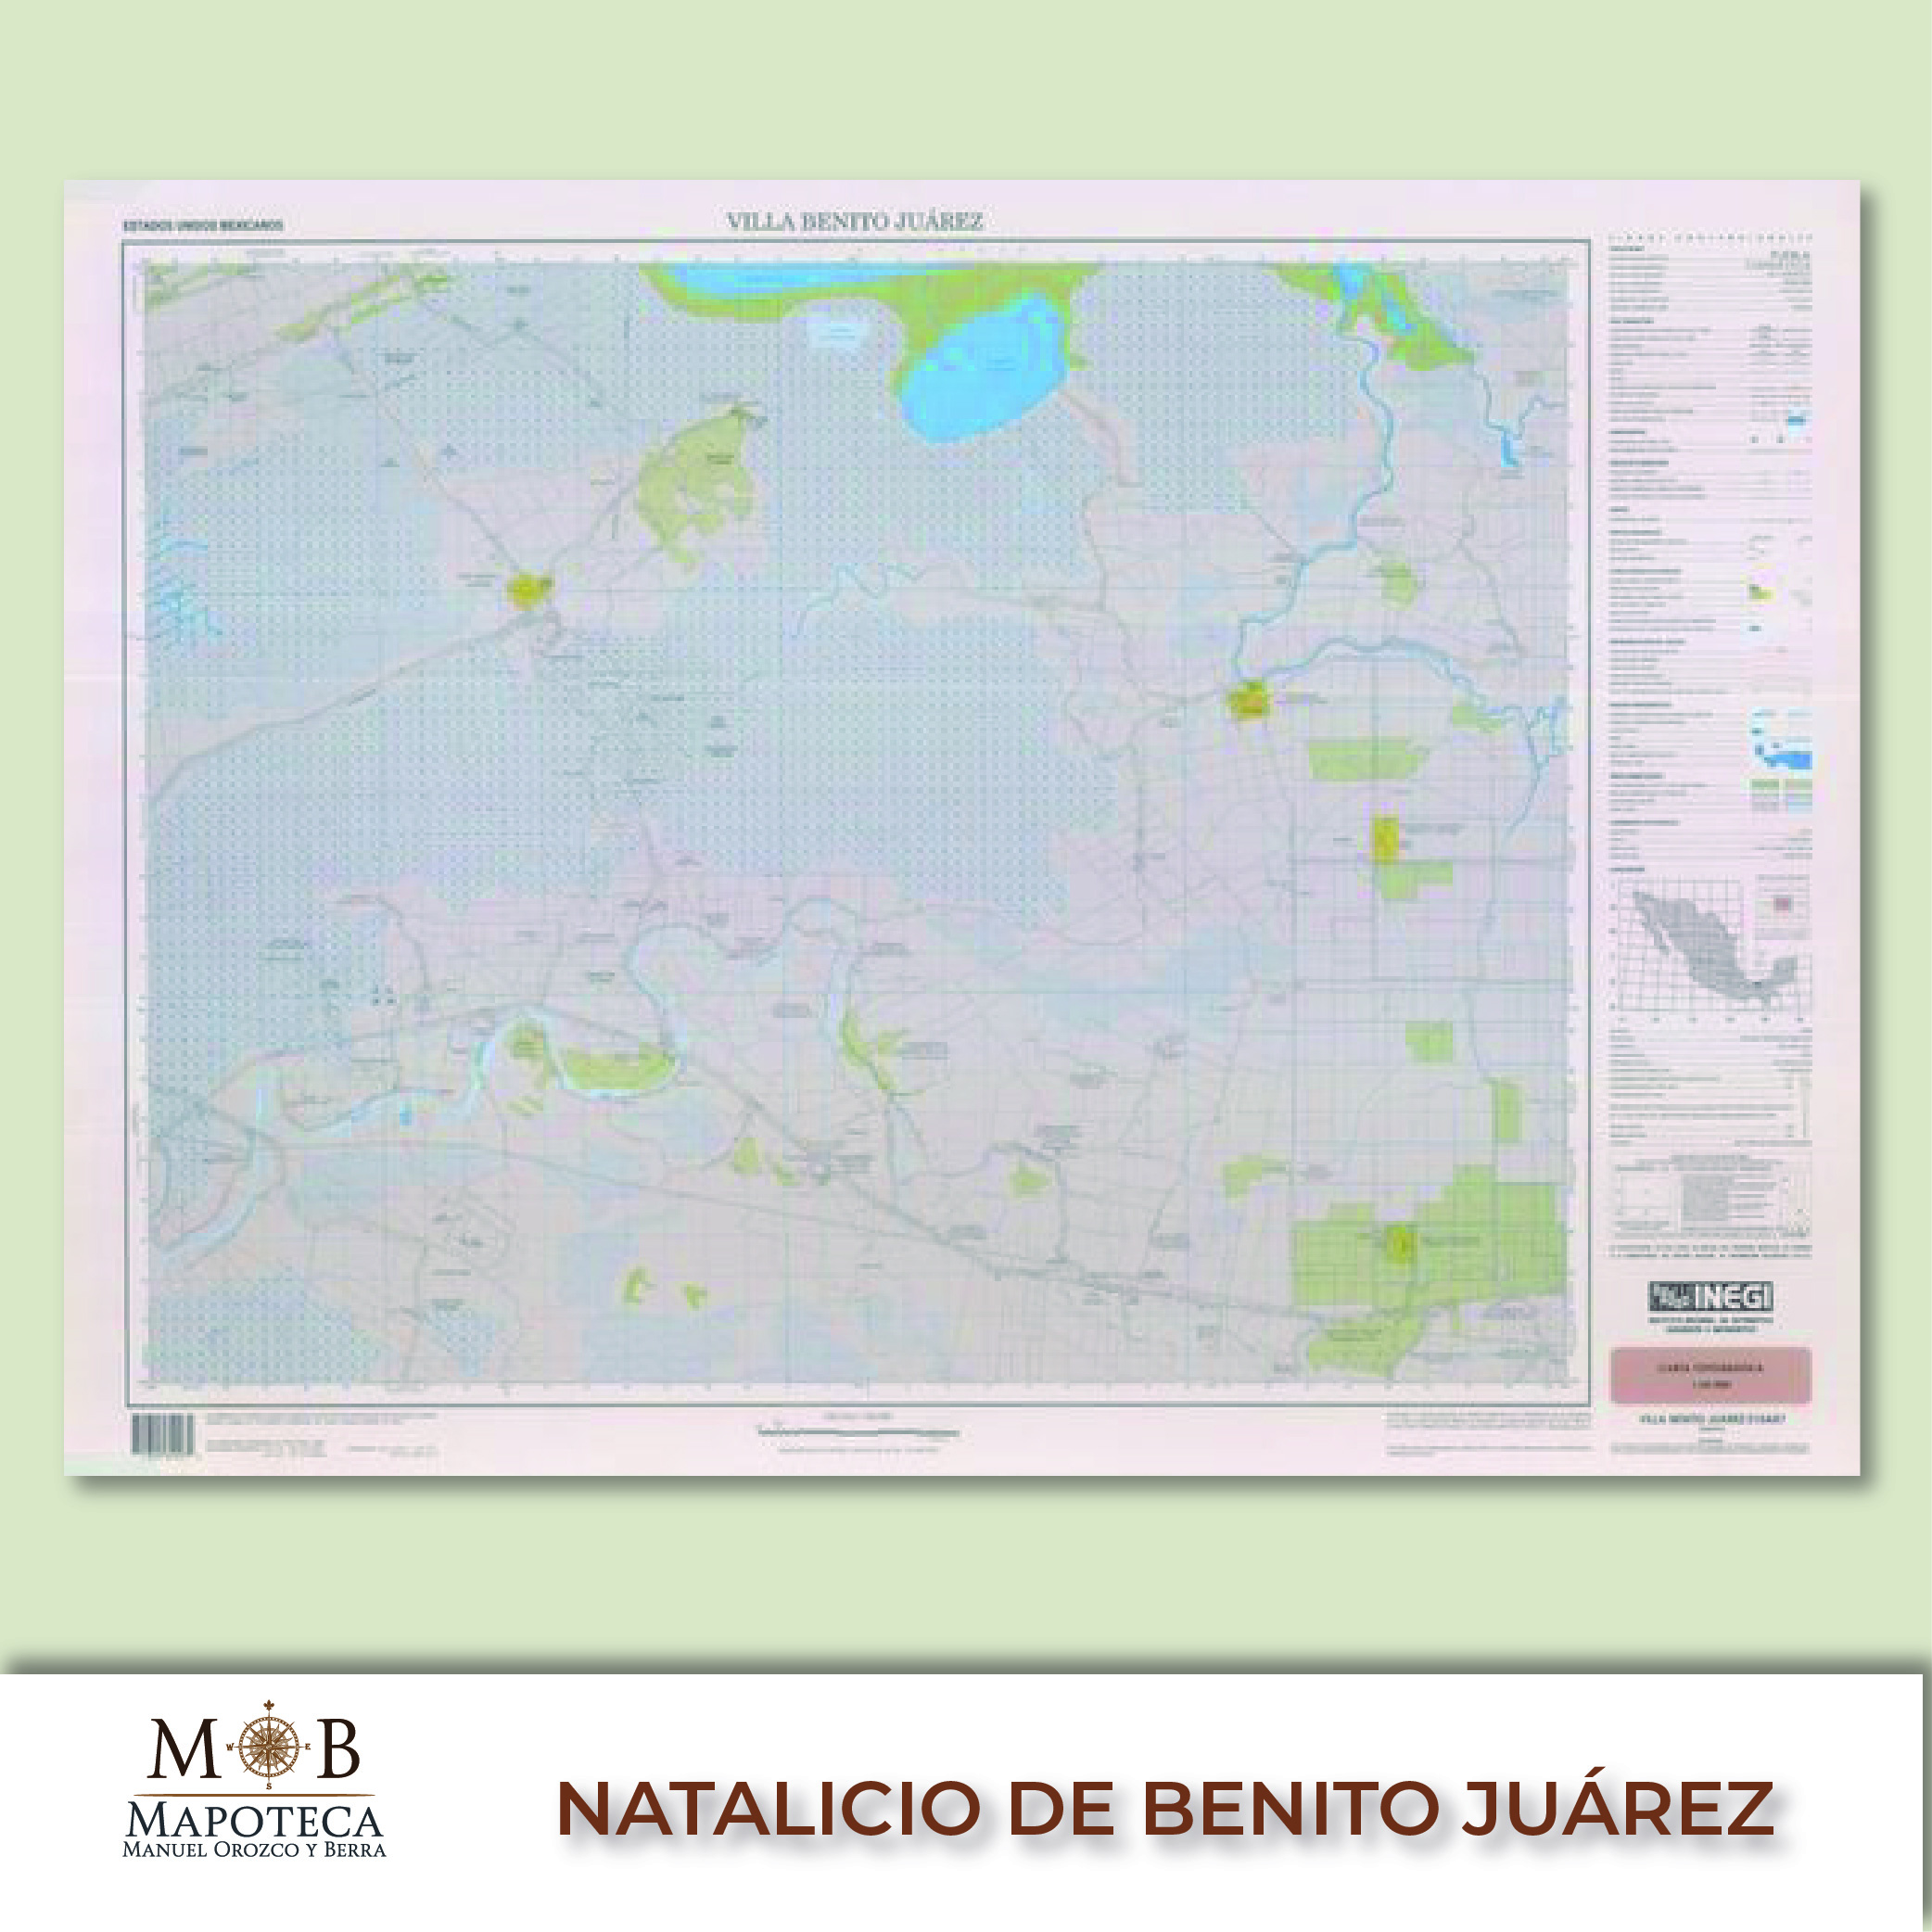 """Para recordar un año más del aniversario del nacimiento de Benito Juárez, la Mapoteca Manuel Orozco y Berra presenta esta imagen titulada: """"Carta topográfica de villa Benito Juárez""""."""